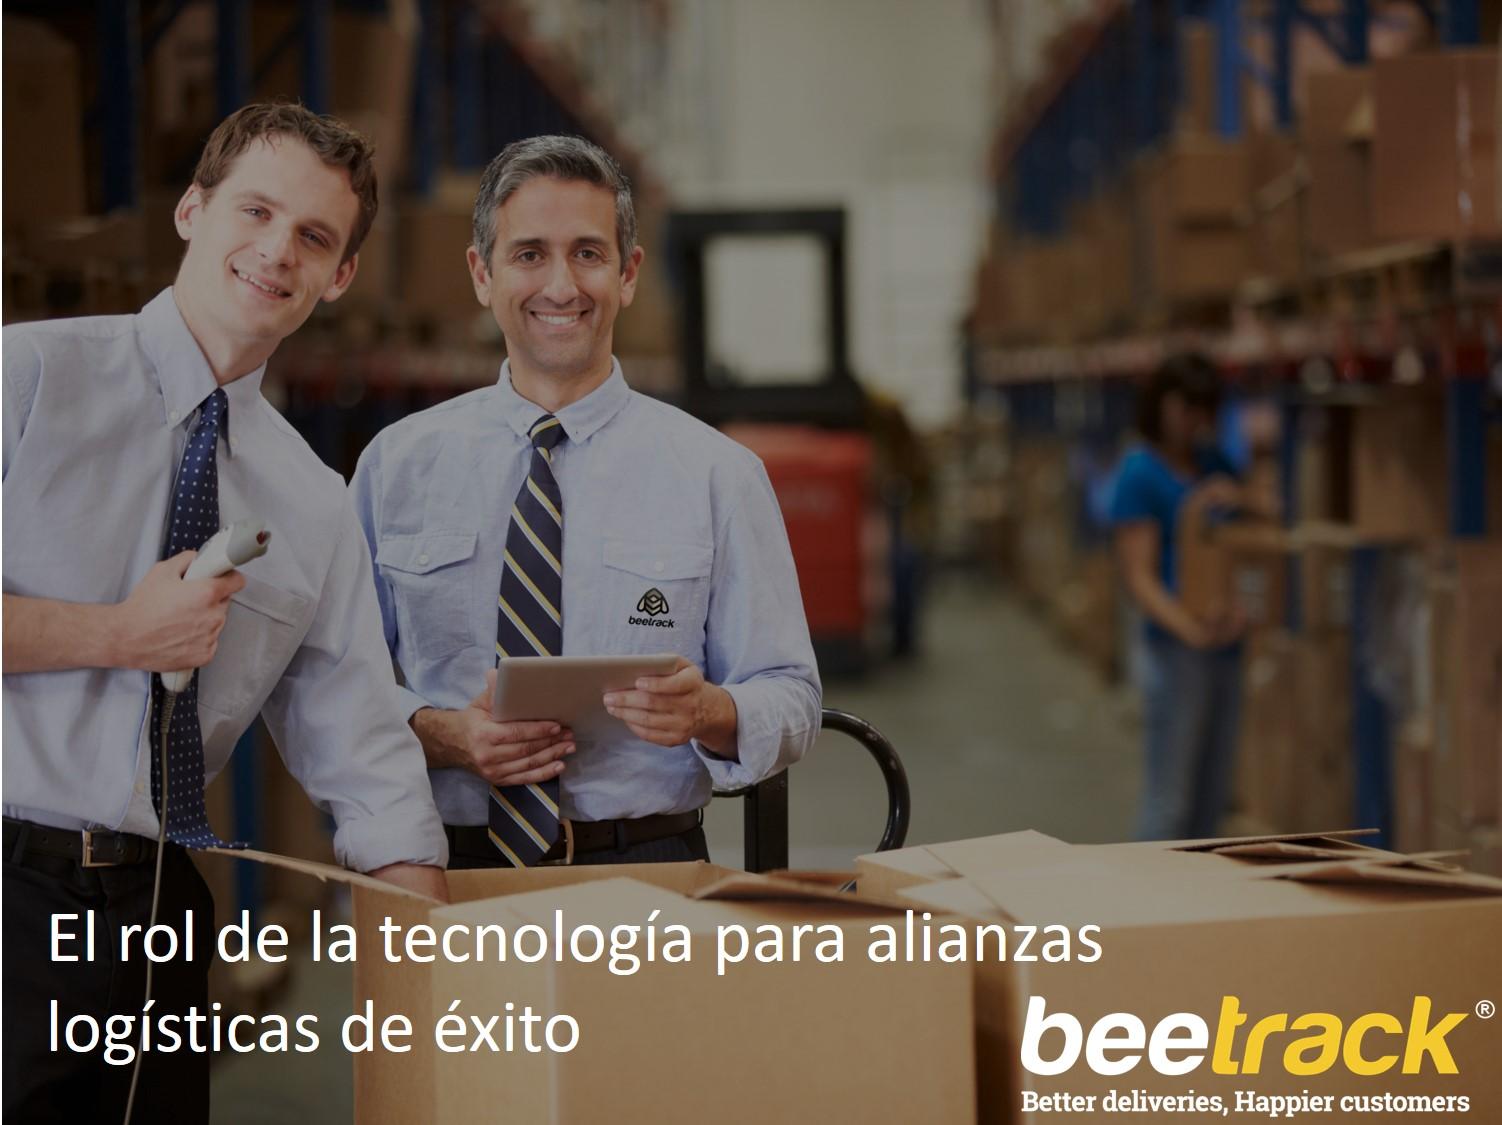 El rol de la tecnología para alianzas logísticas de éxito.jpg